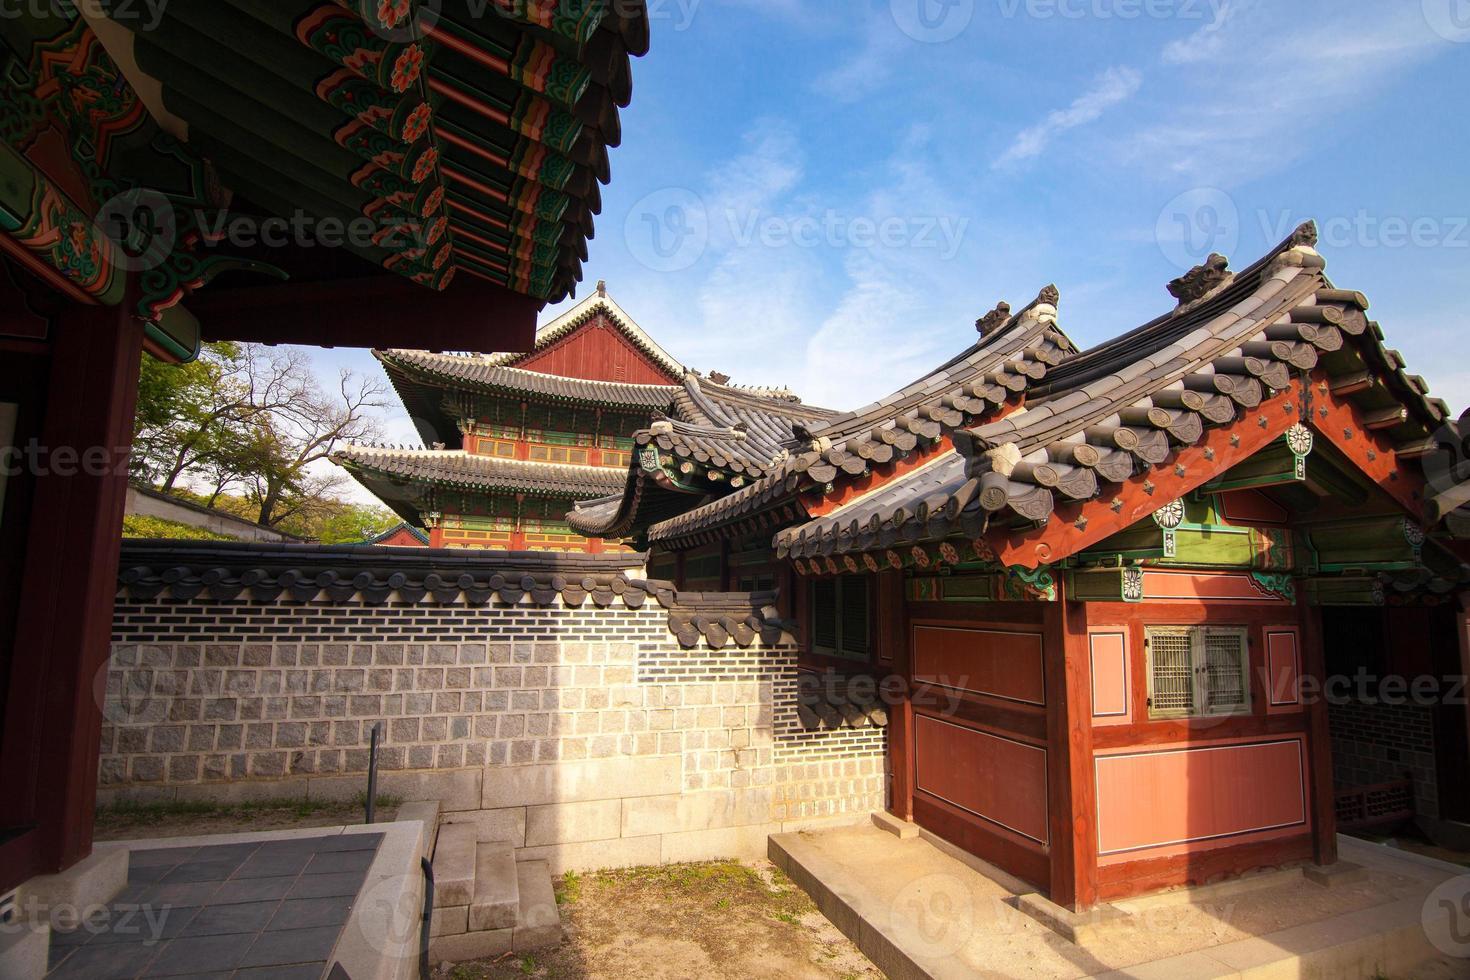 traditionele Koreaanse huizen in changdeokgung paleis in seoel, korea foto